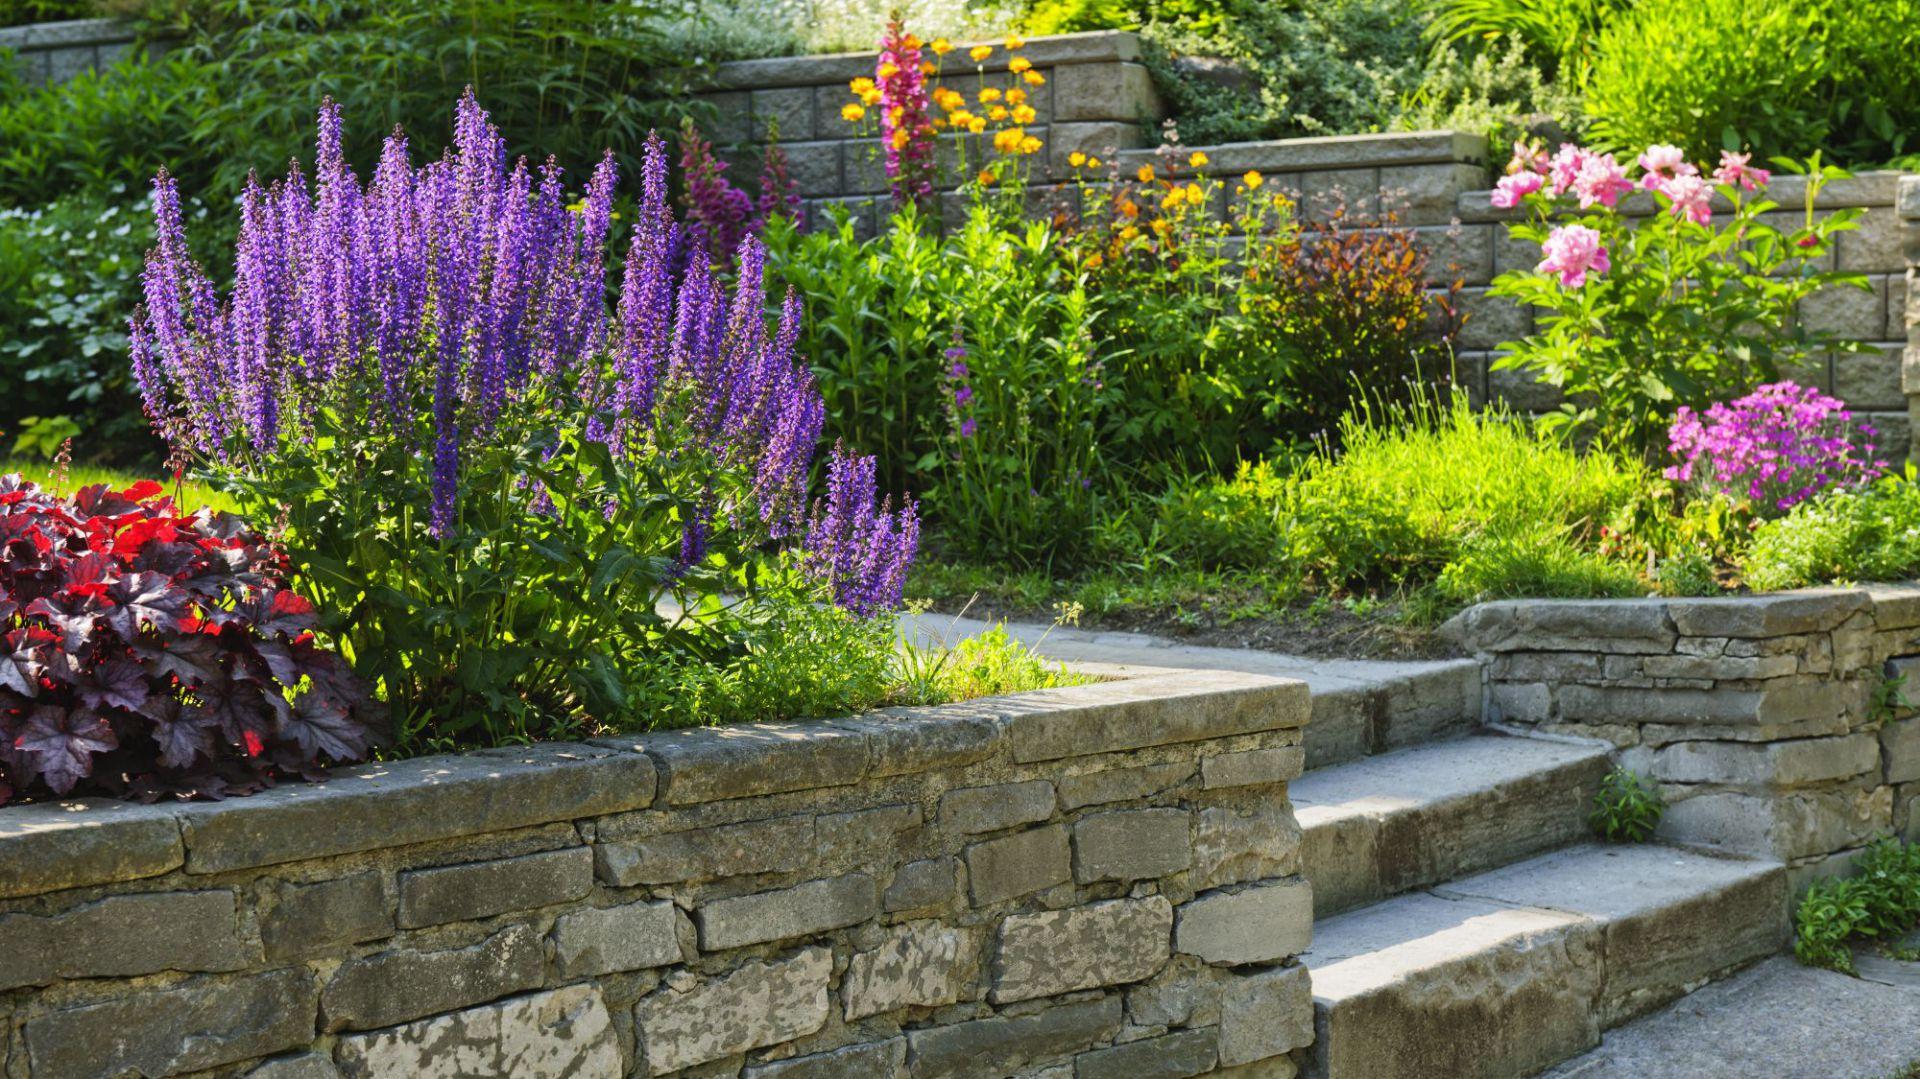 Mała architektura ogrodowa - projektujemy schody. Fot. Shutterstock